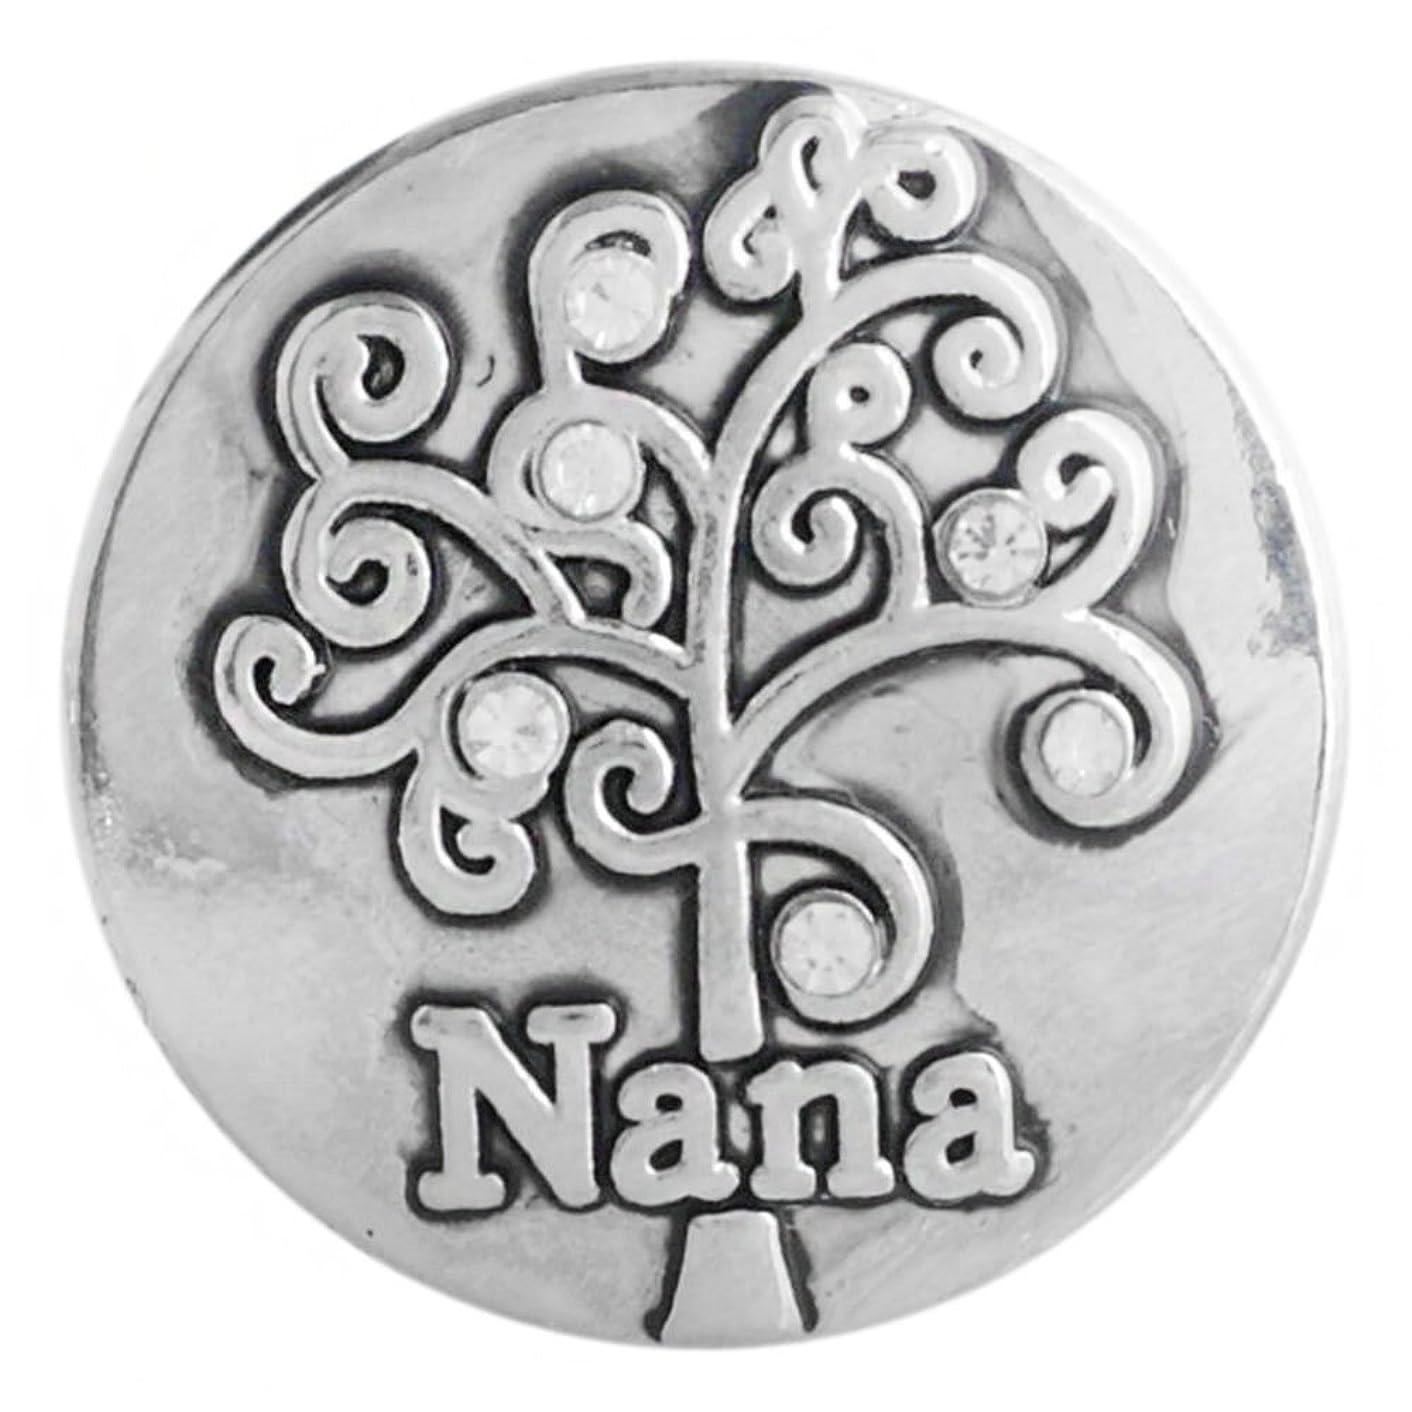 Snap Charm Nana Family Tree 20 mm 3/4